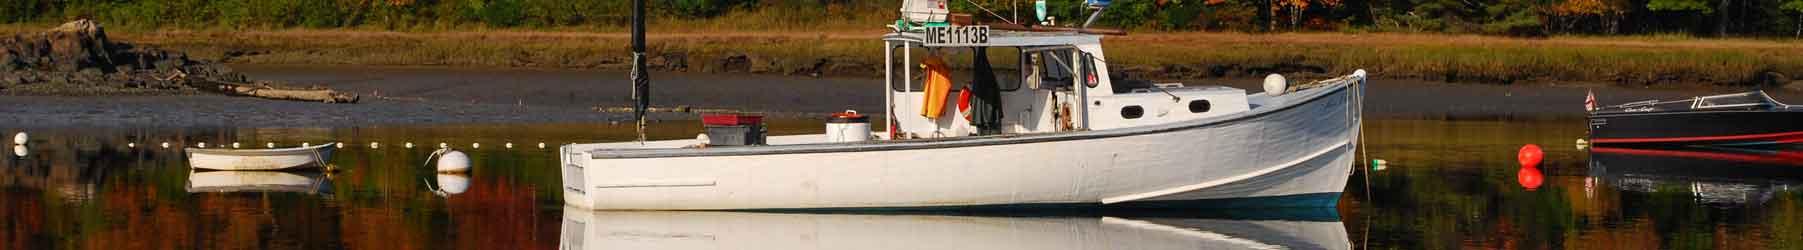 lobster boat kennebunkport Maine